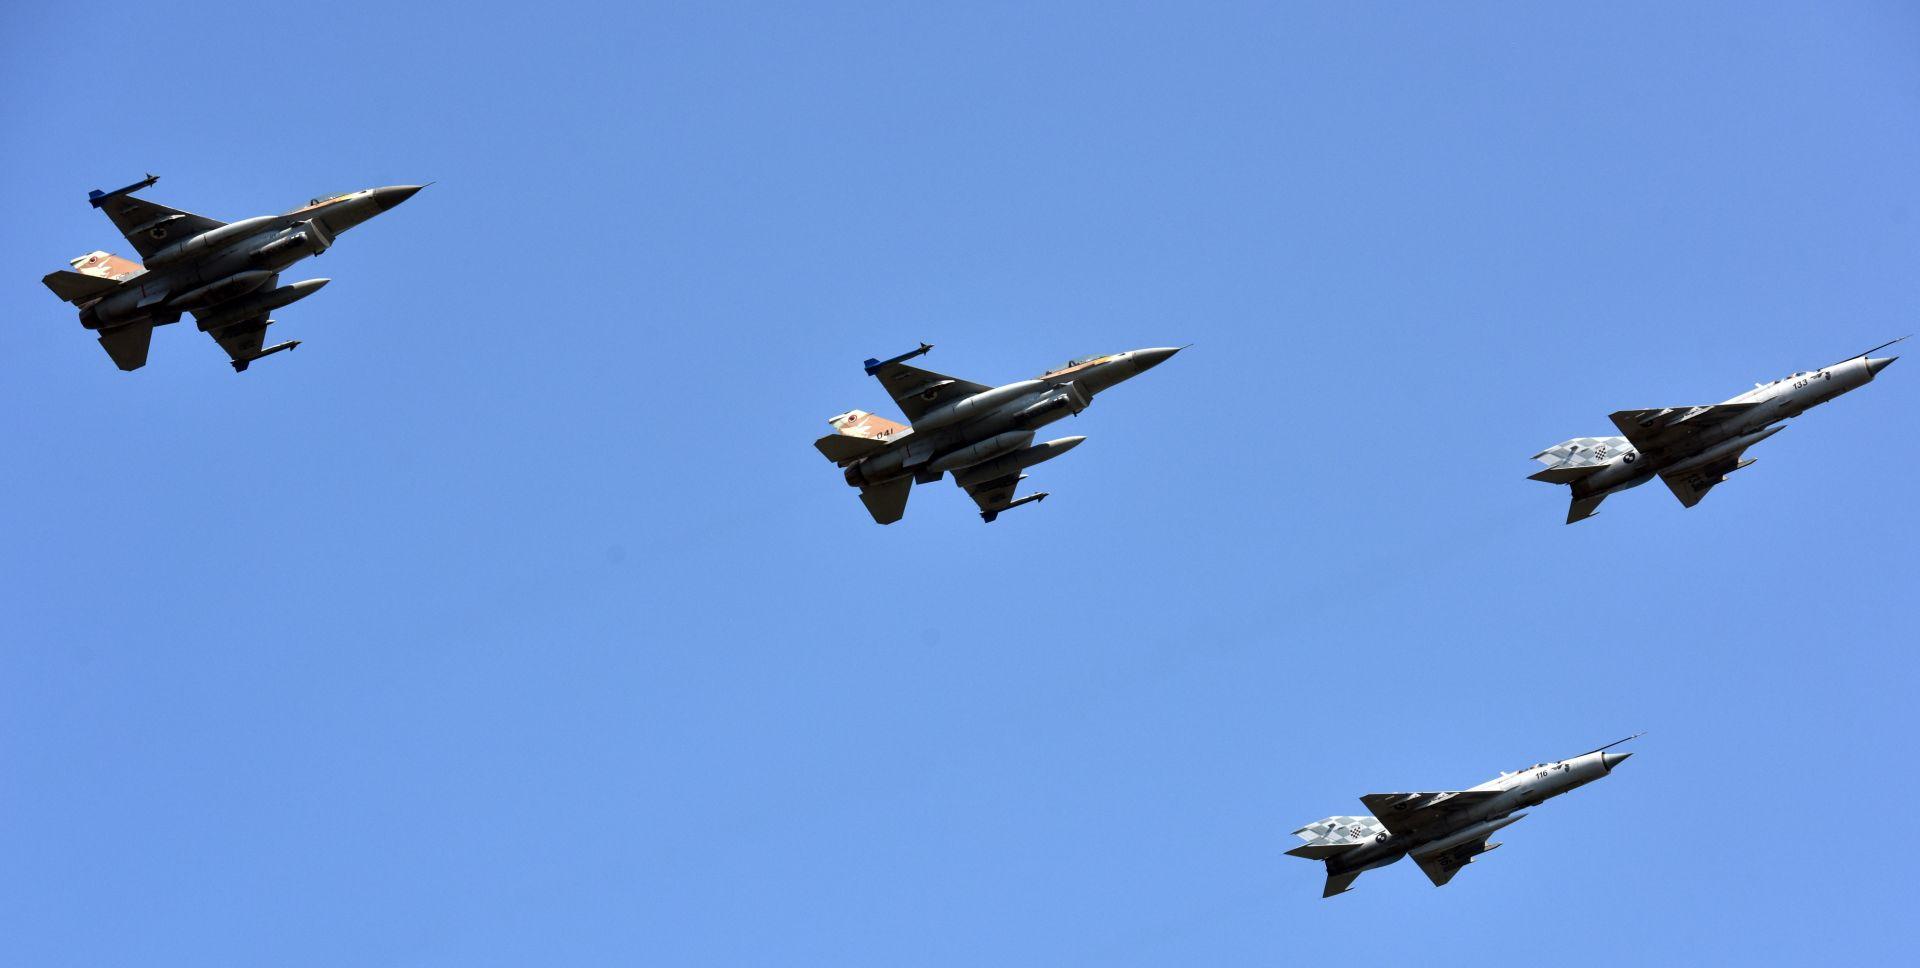 Sjednica Međuresornog povjerenstva za nabavu višenamjenskog borbenog aviona